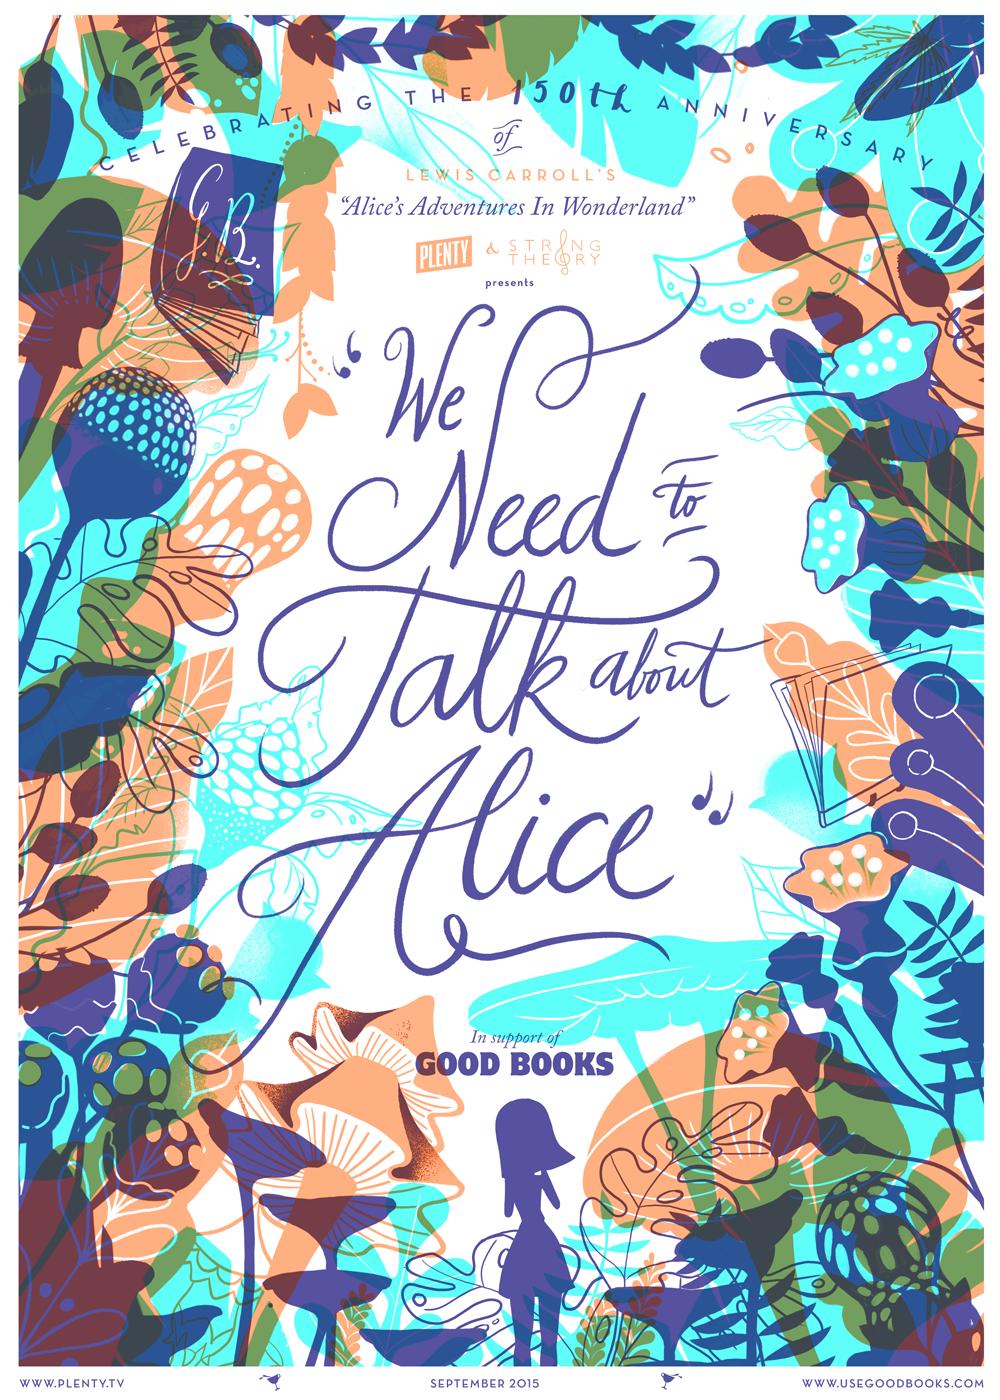 动画作品《We need to talk about Alice》